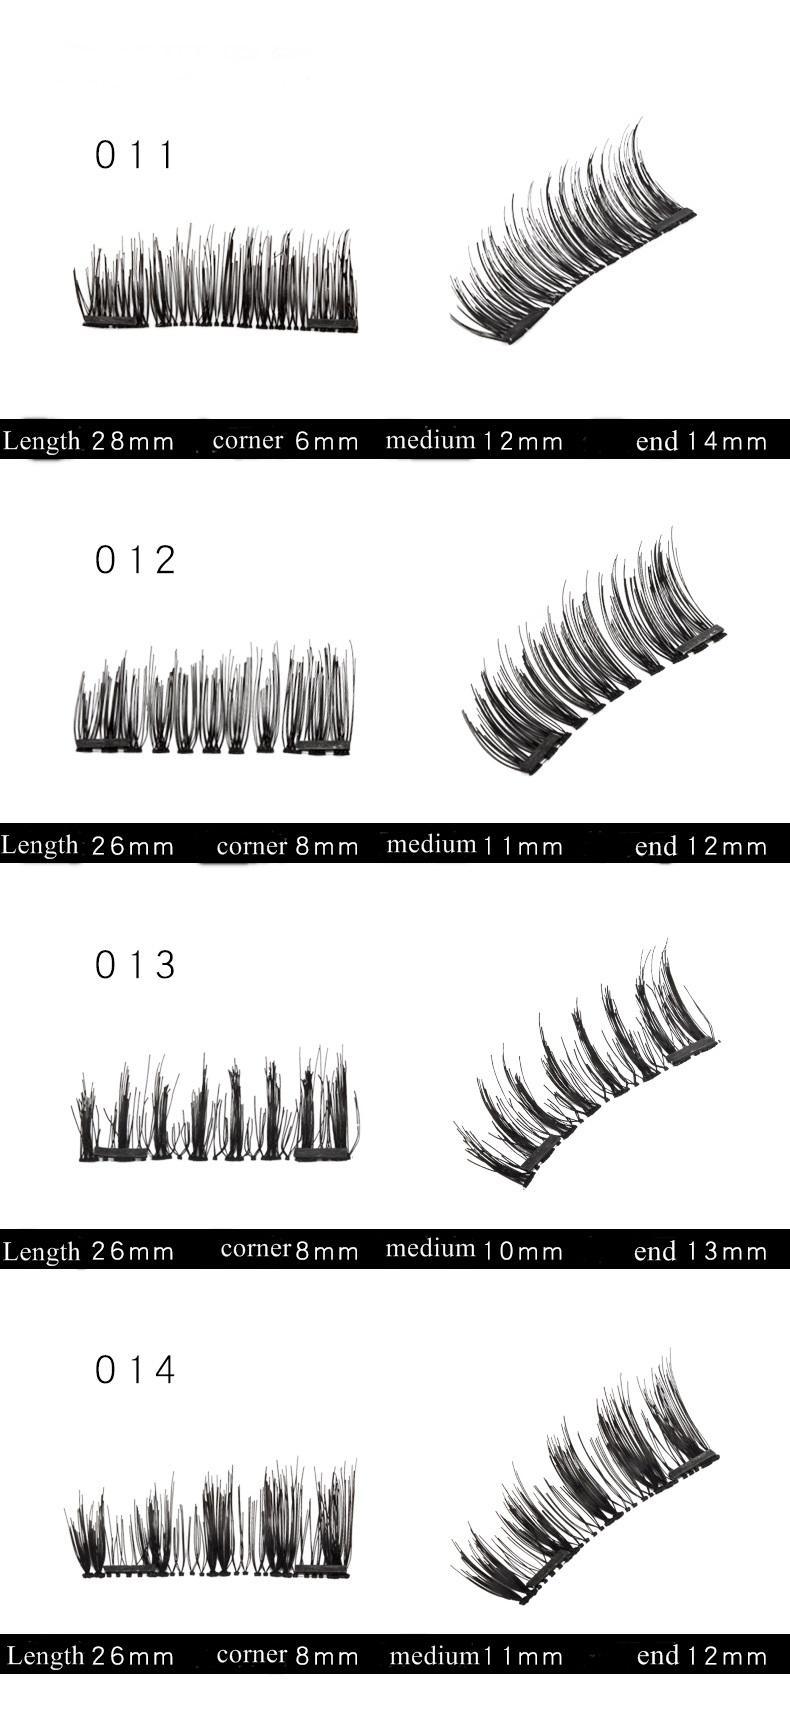 Manyetik Yanlış Eyelashes 3D Vizon Kirpikler Yeniden kullanılabilir üç / çift Mıknatıslar Kirpikleri Uzatma 3D Kirpik Tam Şerit Uzantıları Manyetik Göz Kirpik